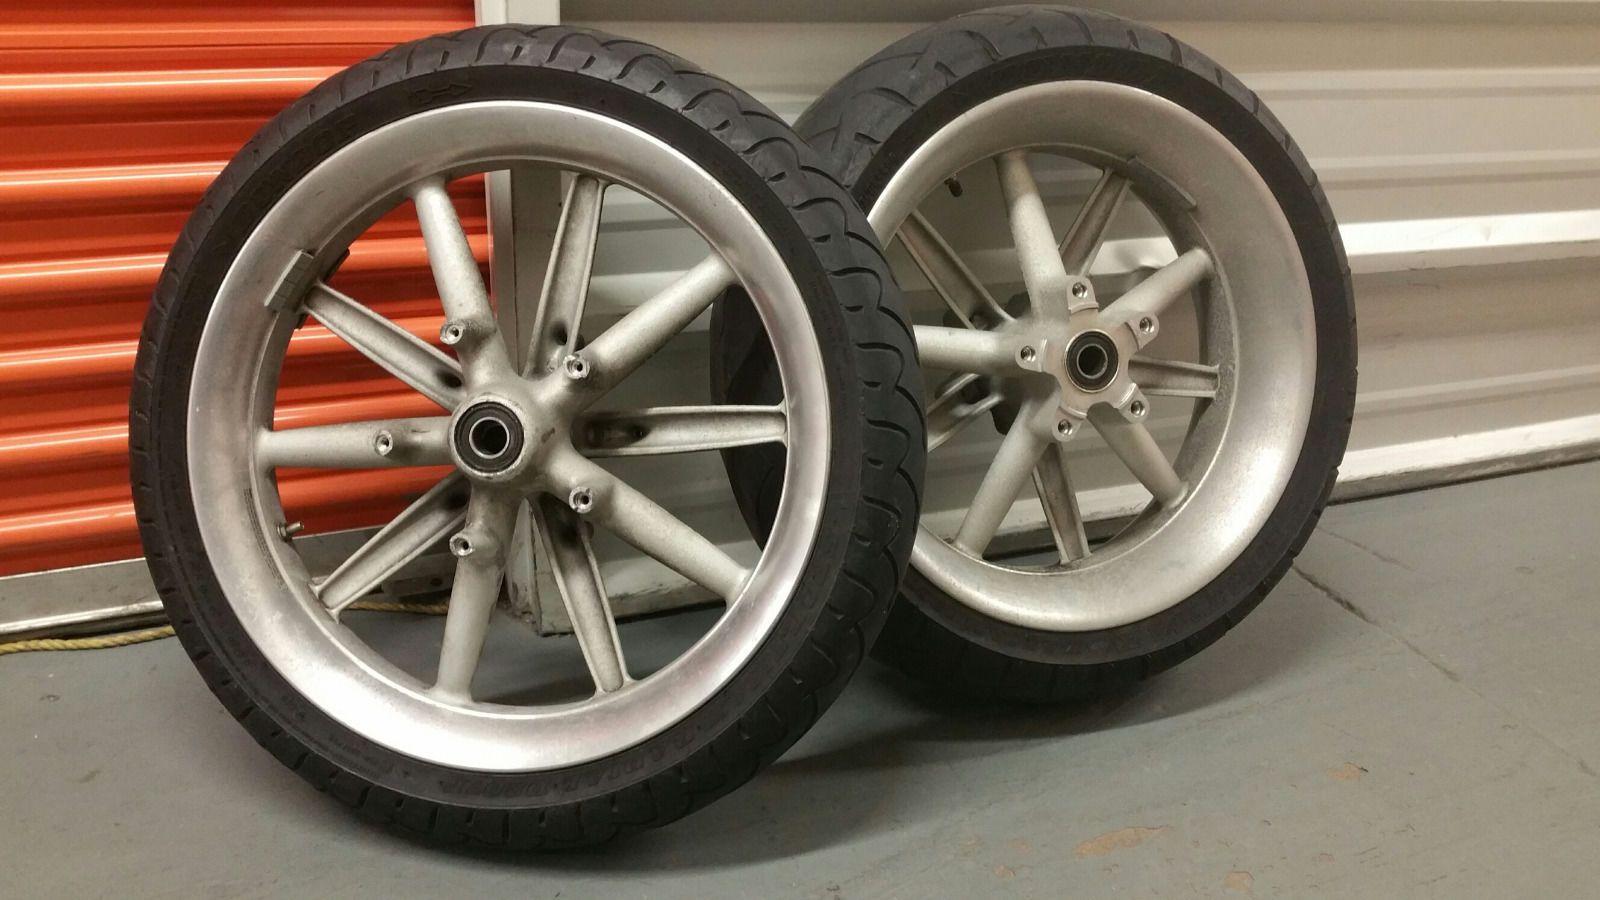 http://motorcyclespareparts.net/harley-vrod-v-rod-front-rear-wheel-tires-10-spoke-vrsc-vrsca-vrscb/Harley VROD V-ROD front & rear wheel & tires 10 spoke  VRSC VRSCA VRSCB